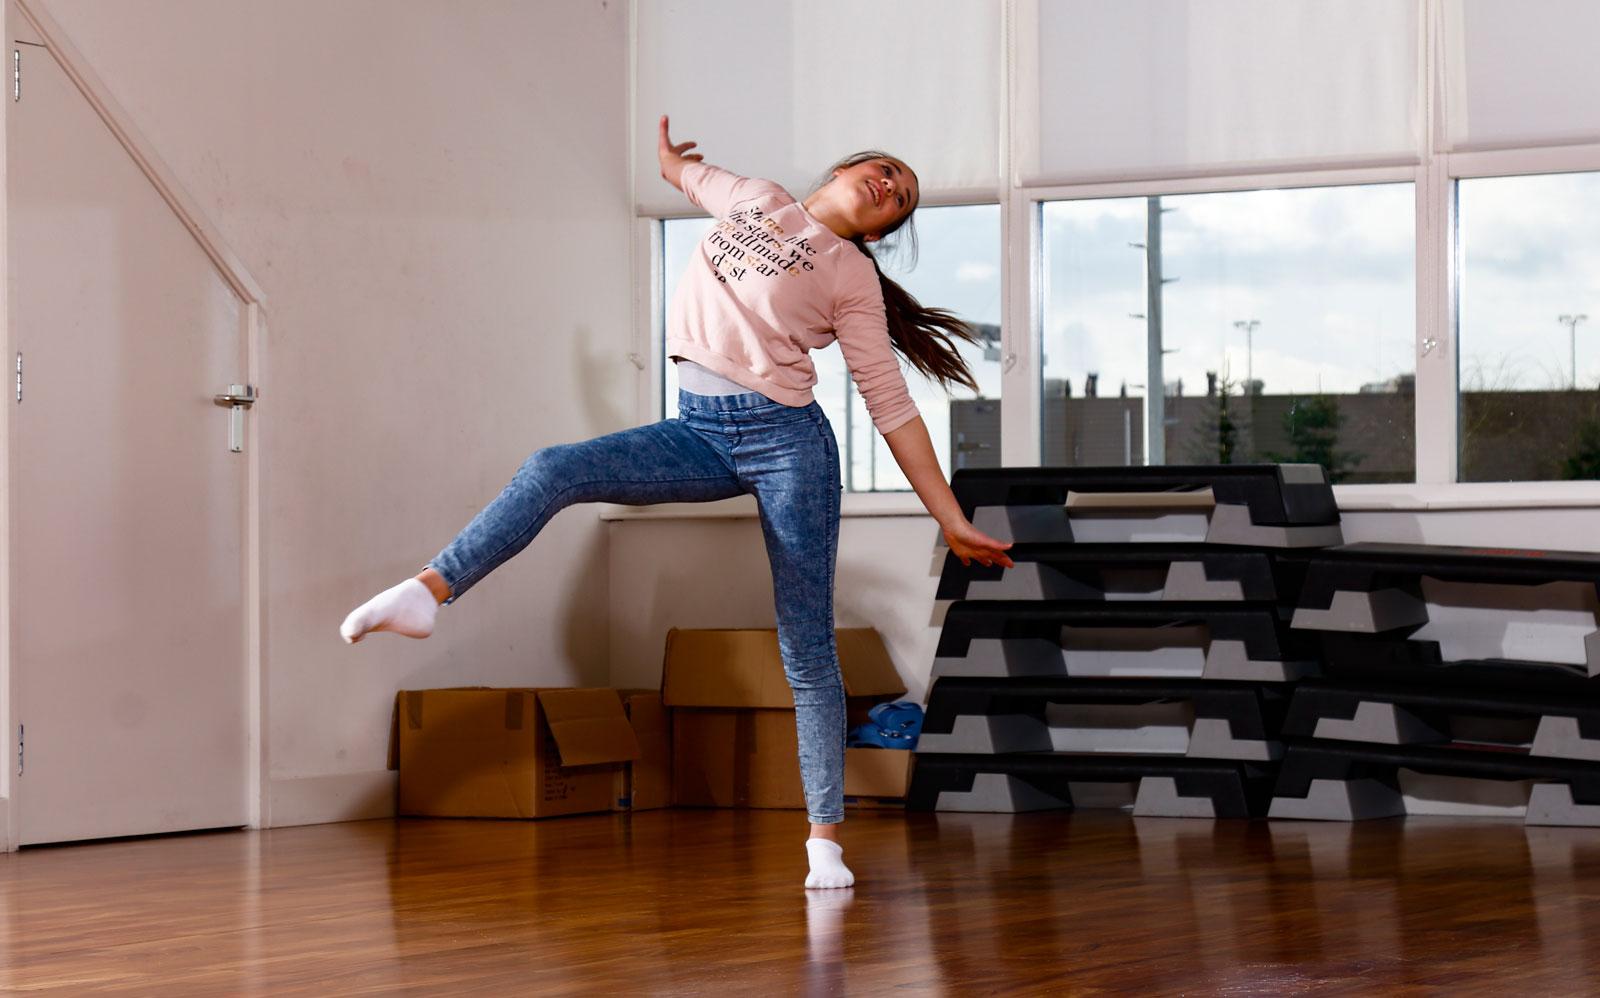 Belangrijk onderdeel in acrobatiek is expressie.